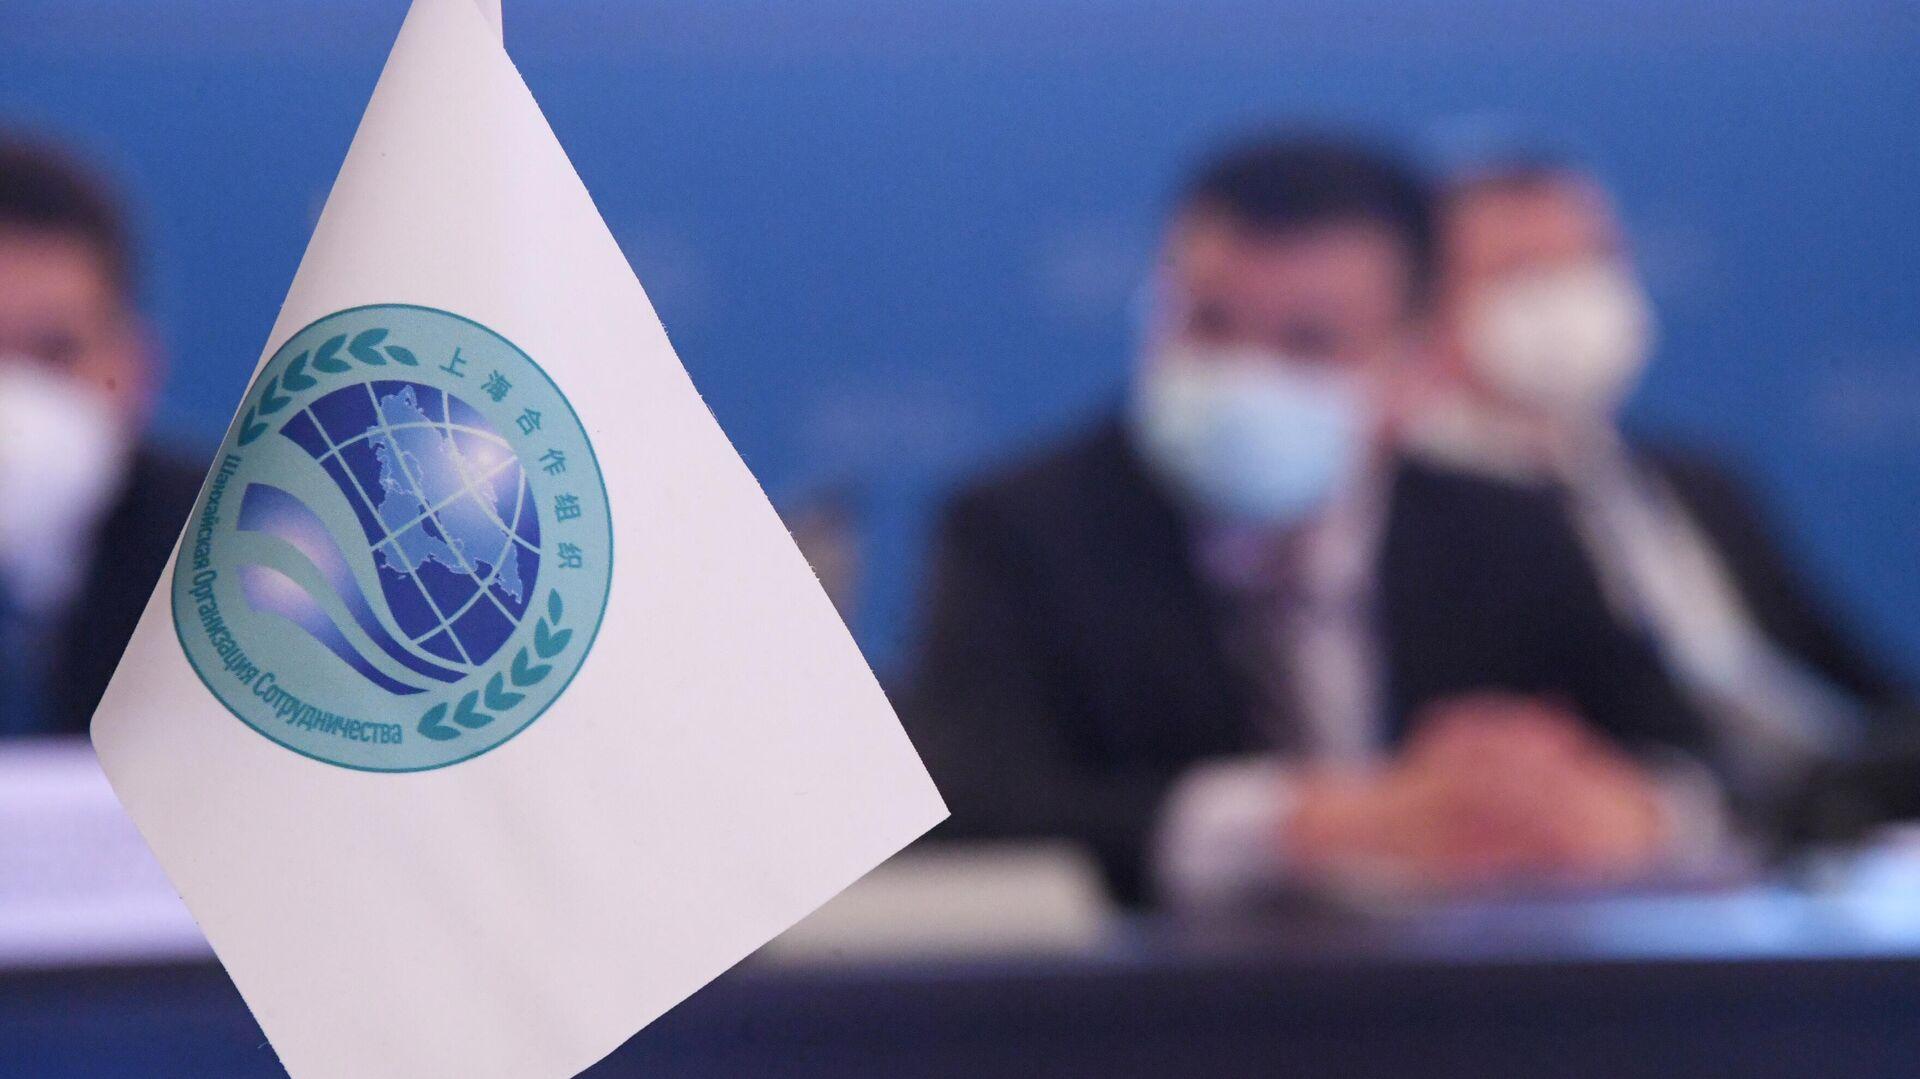 Заседание Совета национальных координаторов государств ШОС - Sputnik Таджикистан, 1920, 09.09.2021